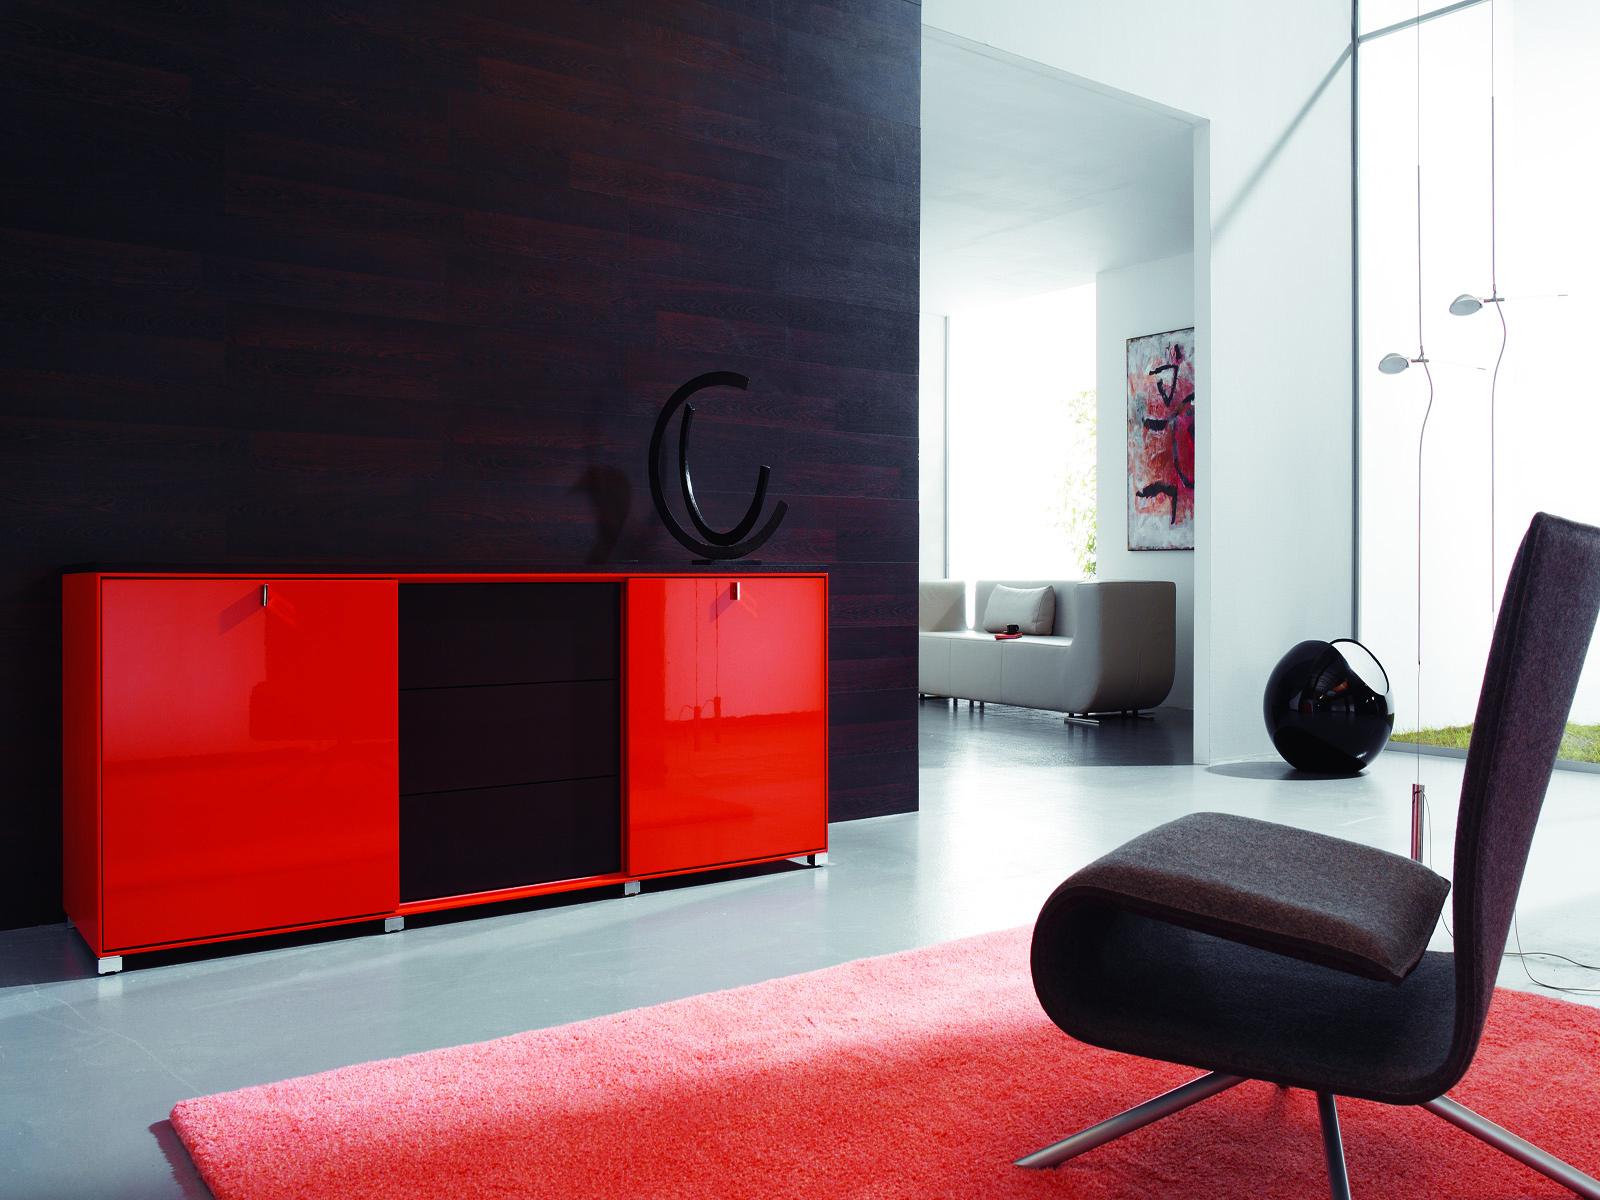 Im genes de bonitos interiores - Muebles bonitos sl ...